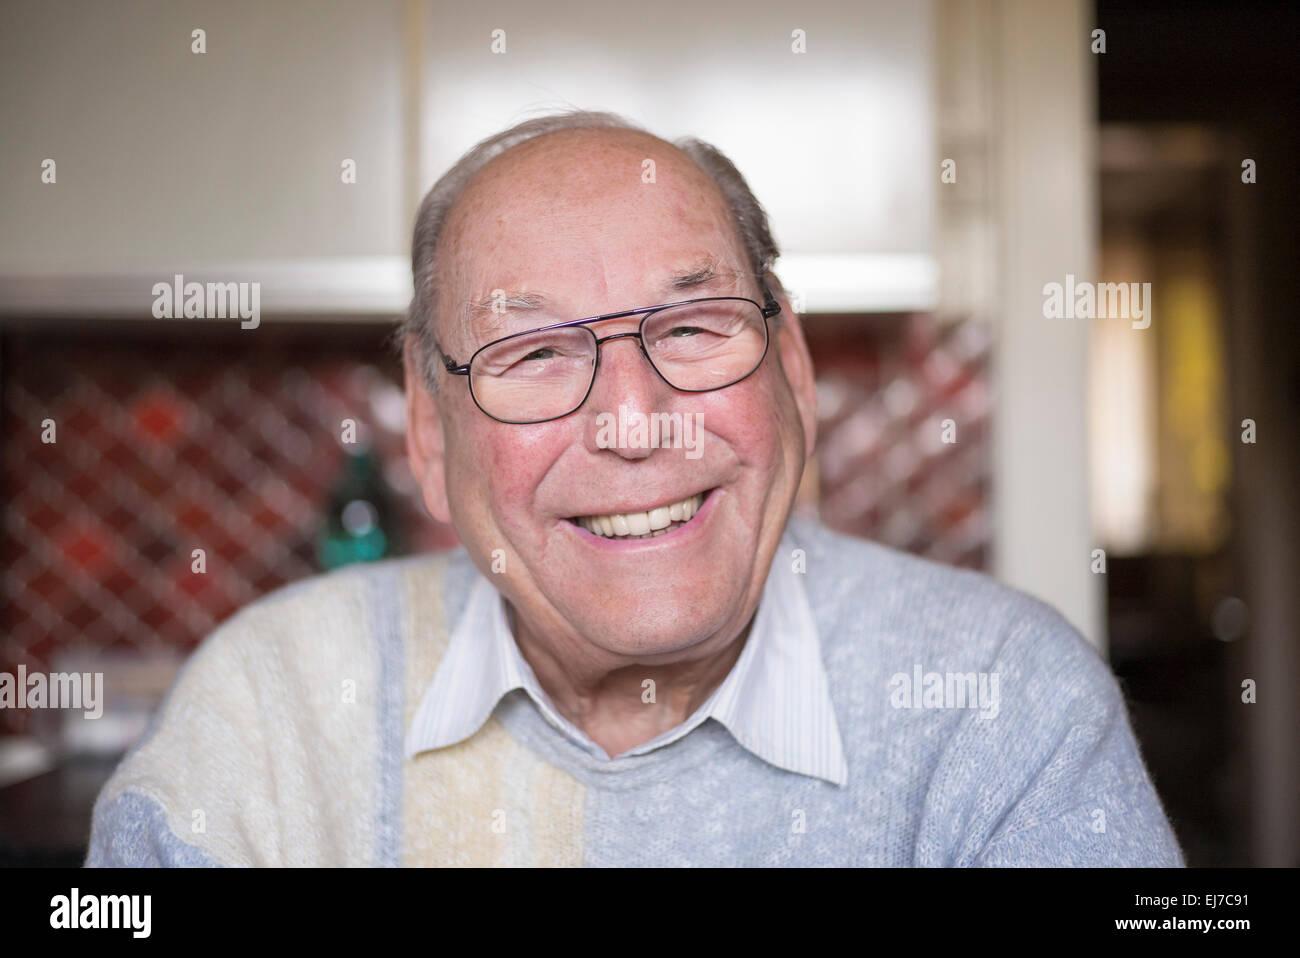 80 s lächelnden älteren Mann Porträt, Porträt Mann Lachen Stockbild